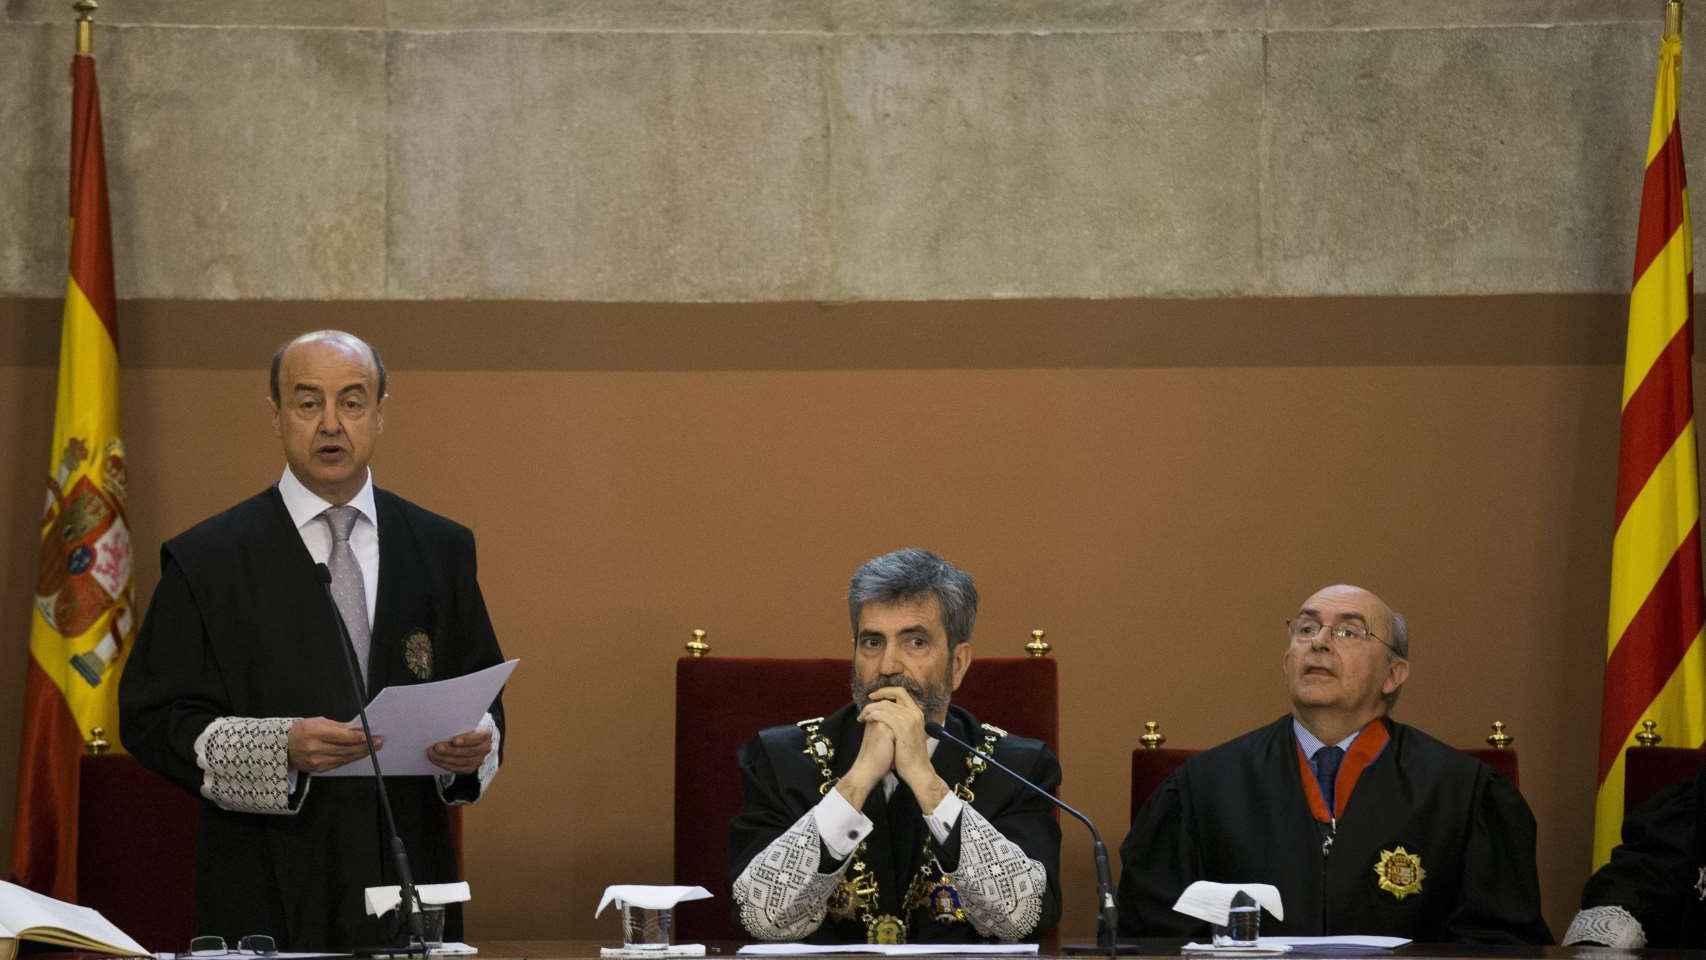 Jesús María Barrientos durante la toma de posesión de su nuevo cargo, junto al presidente del TS y del CGPJ, Carlos Lesmes, y el presidente saliente del TSJC, Miguel Ángel Gimeno